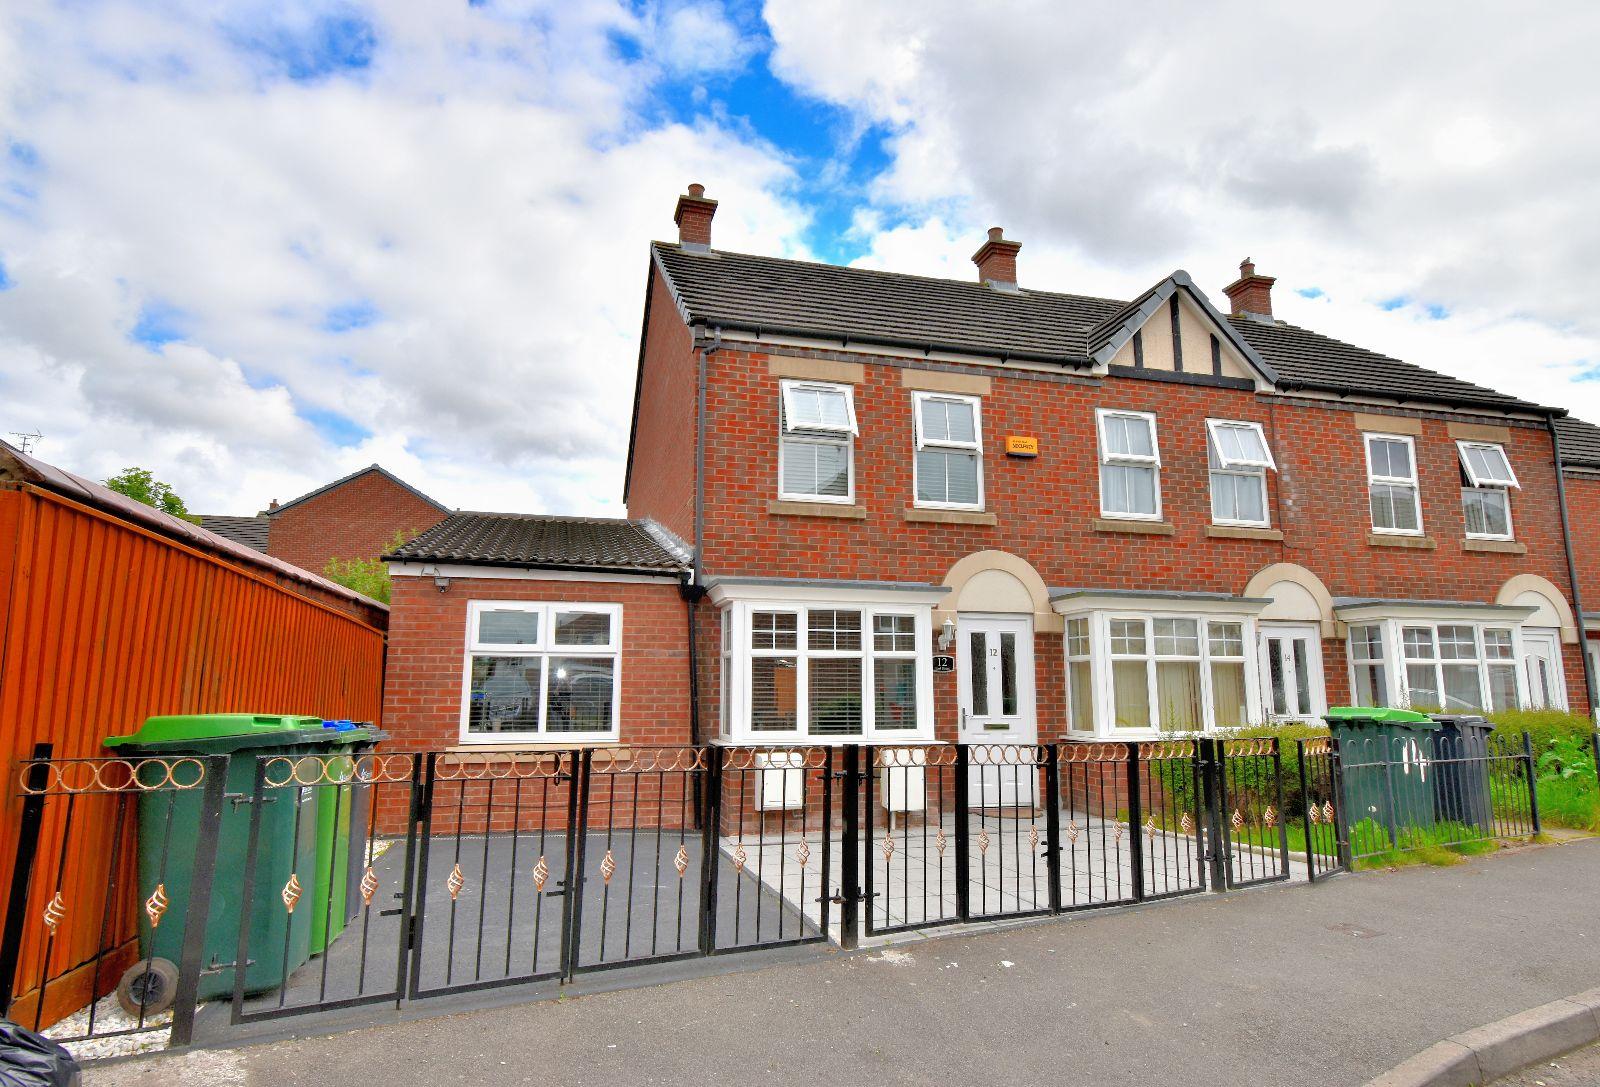 Earl Street, West Bromwich, B70 9HR